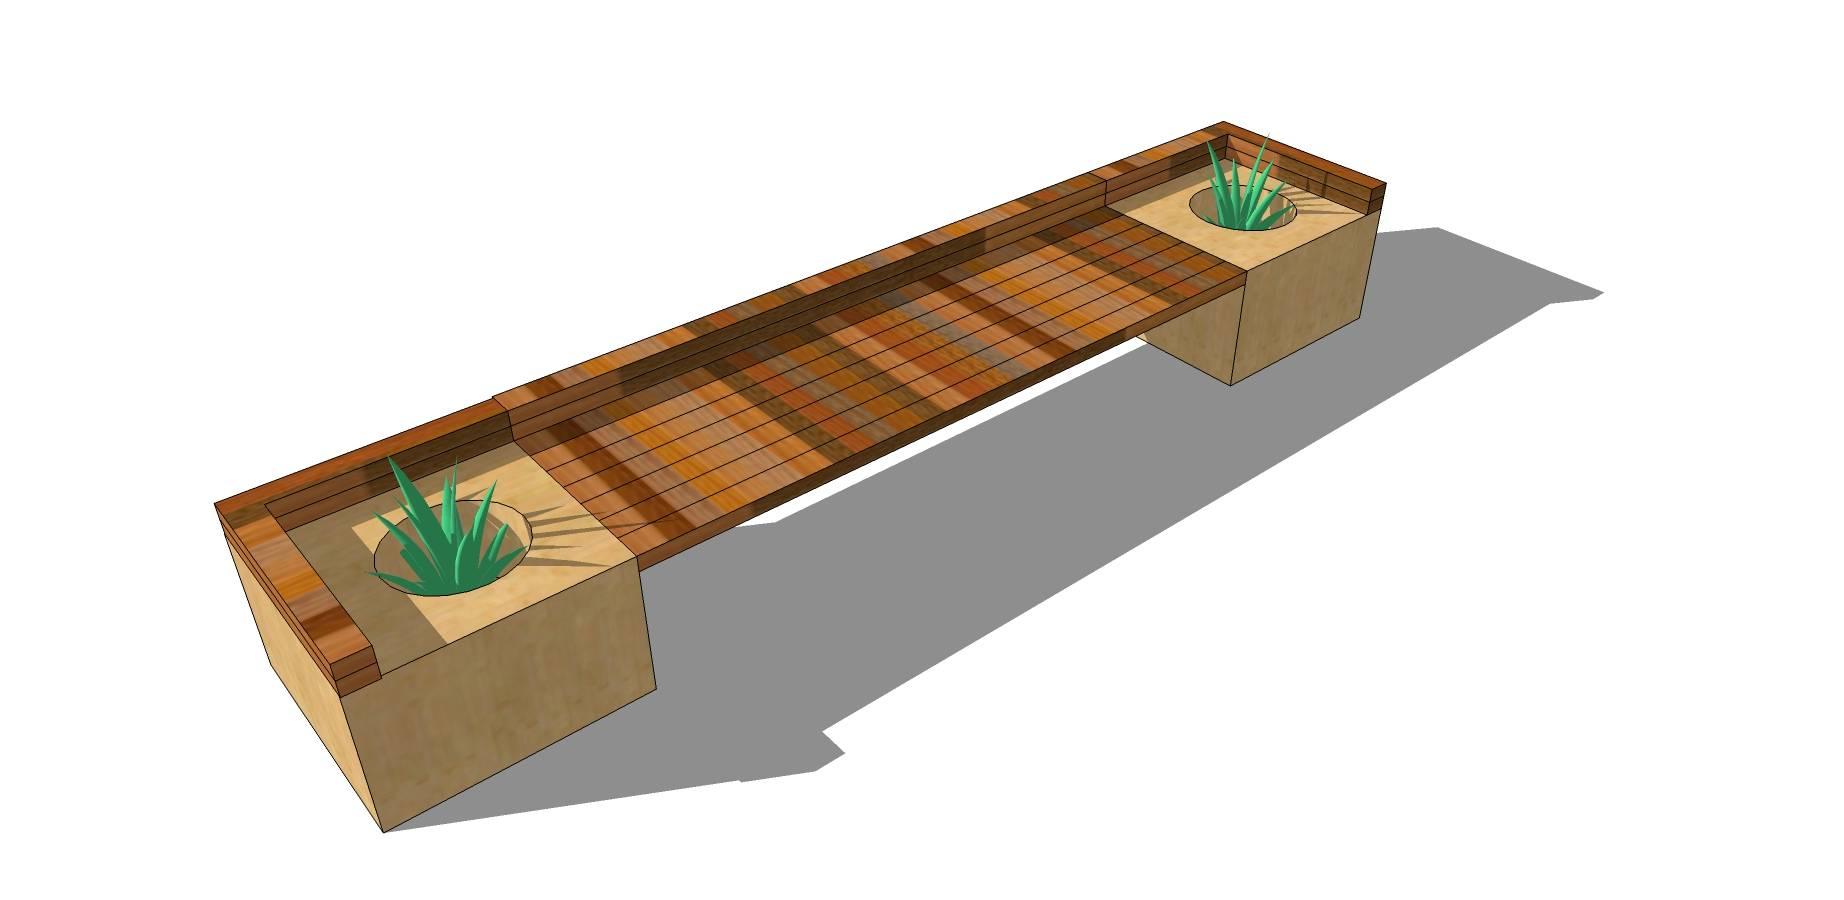 条形木质长凳sketchup模型